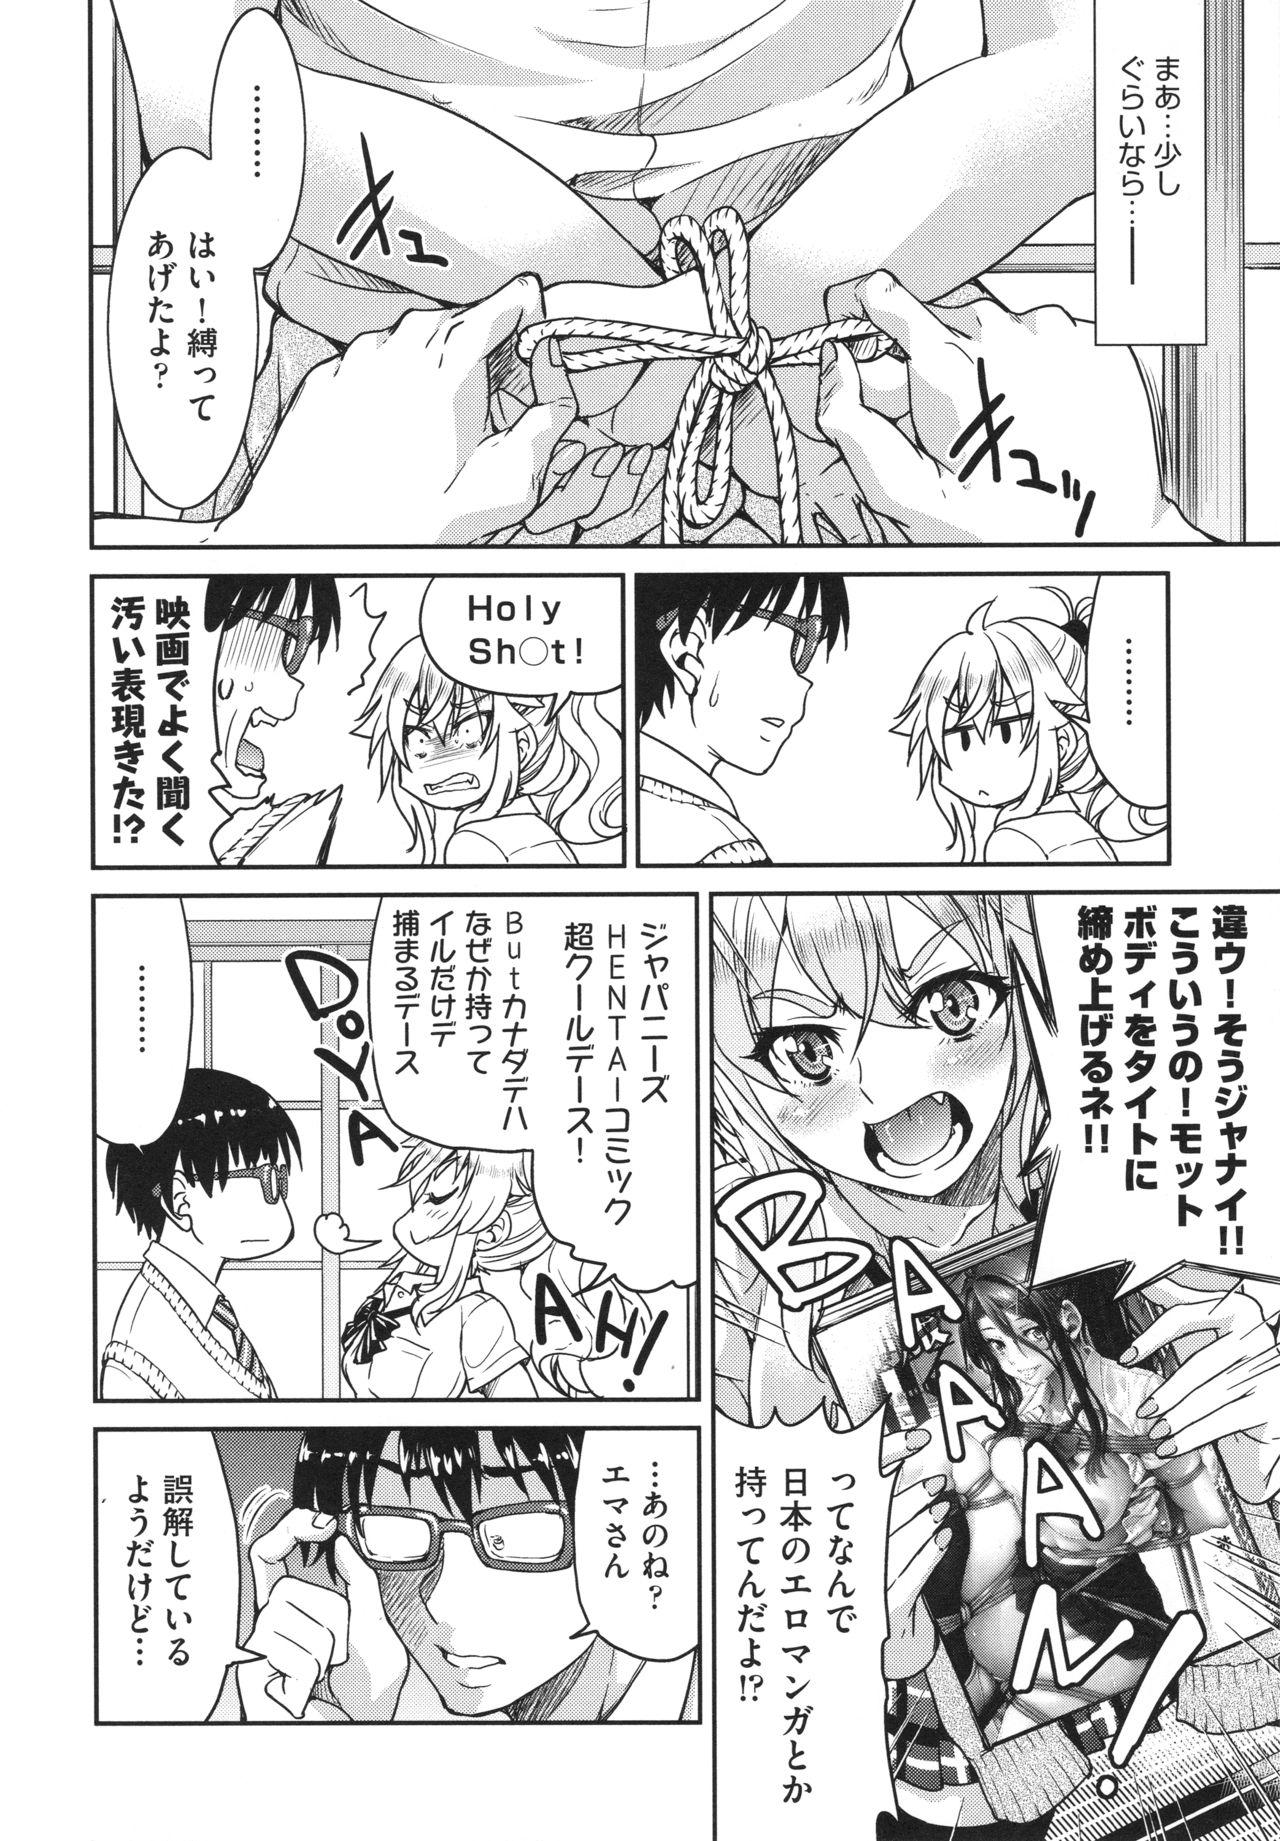 Akogare no Senpai o Shibatte Nigerarenaku Shite XXX. 153